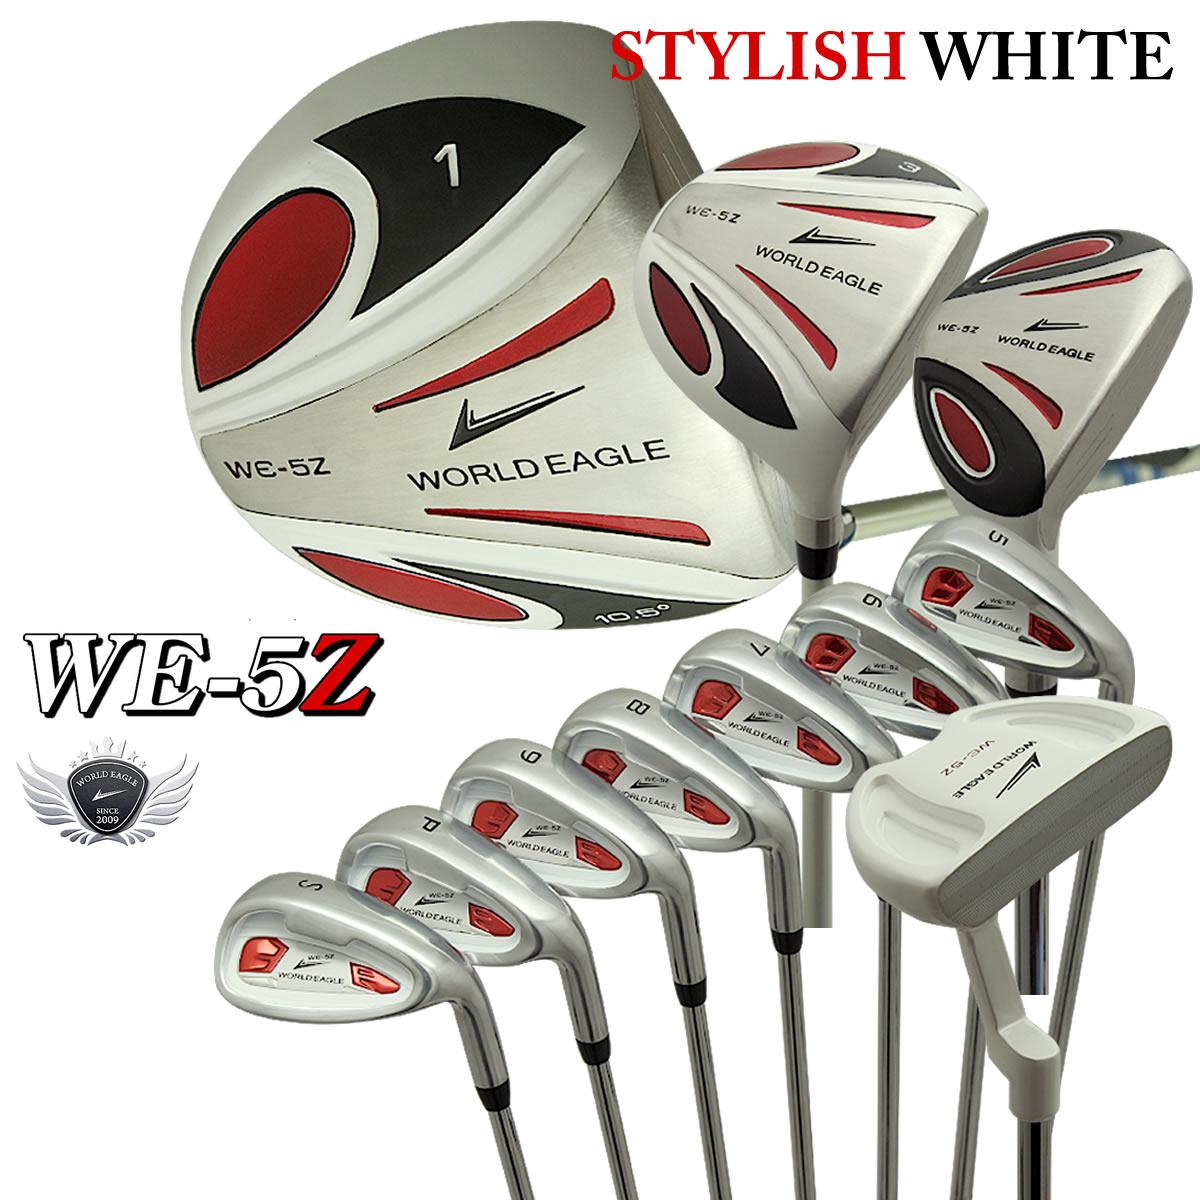 월드이 글 5Z 화이트 남성 골프 클럽 세트 13 점 세트